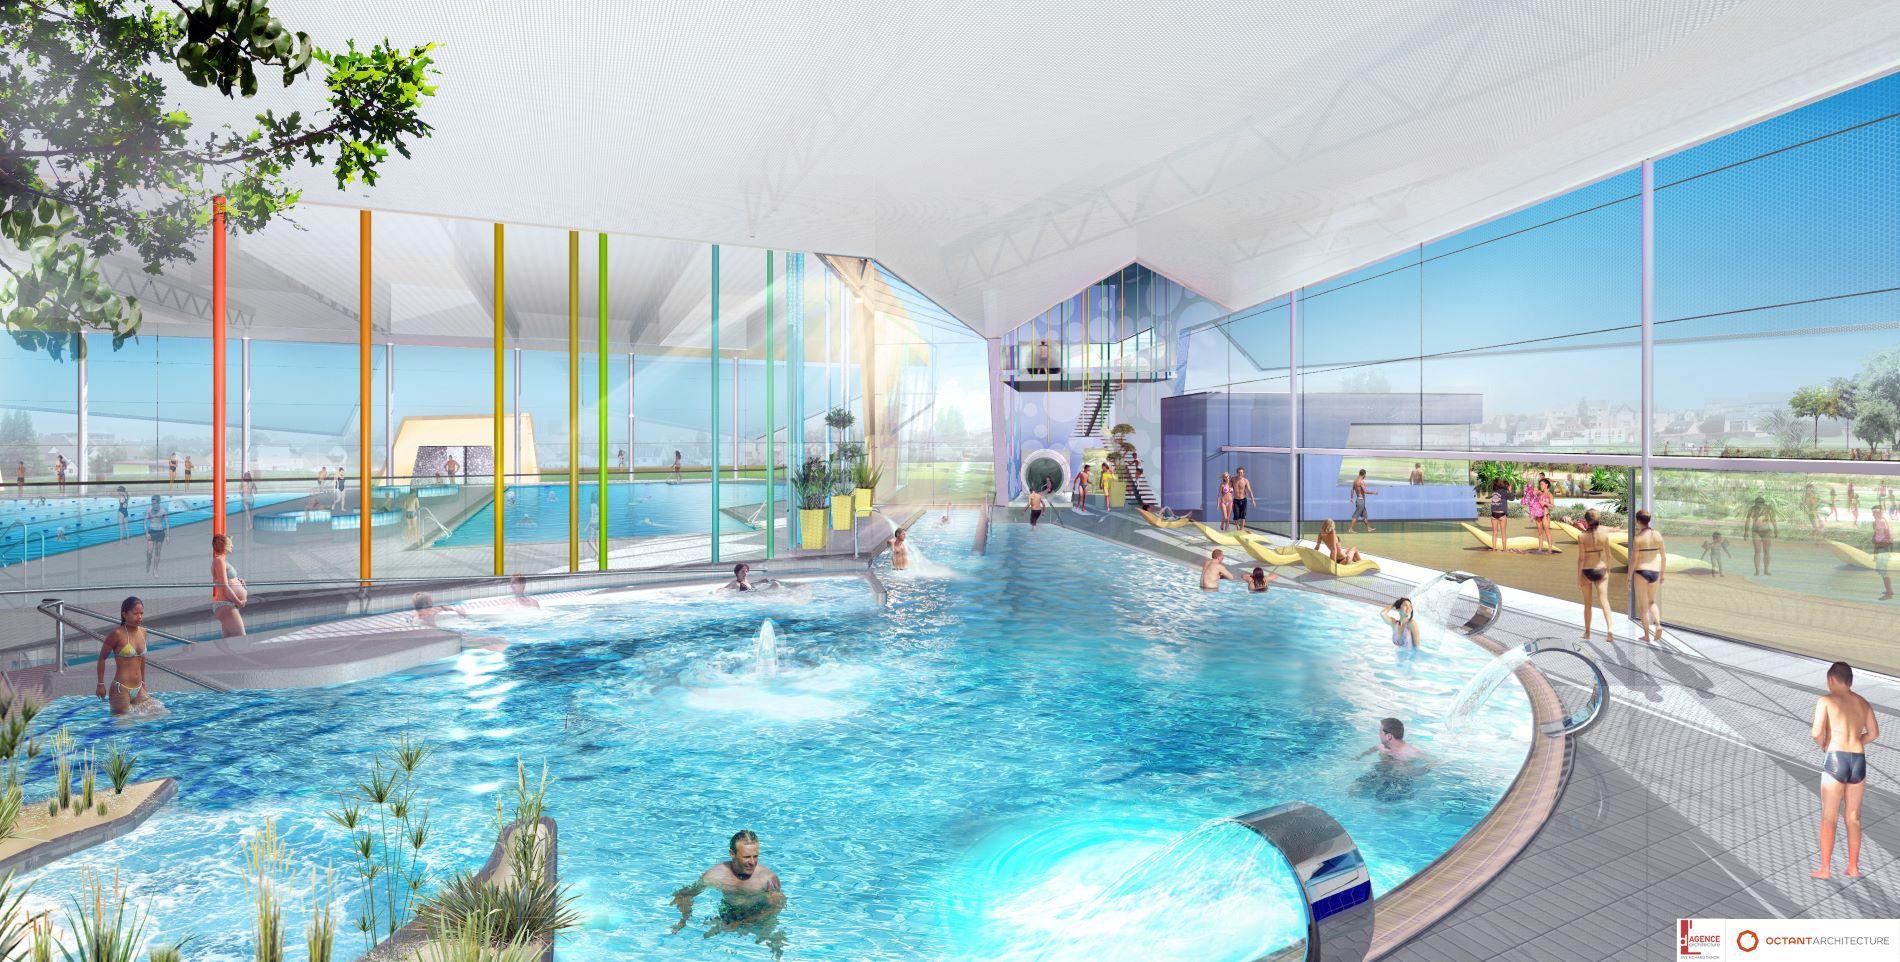 Centre Aquatique Granville Terre et Mer